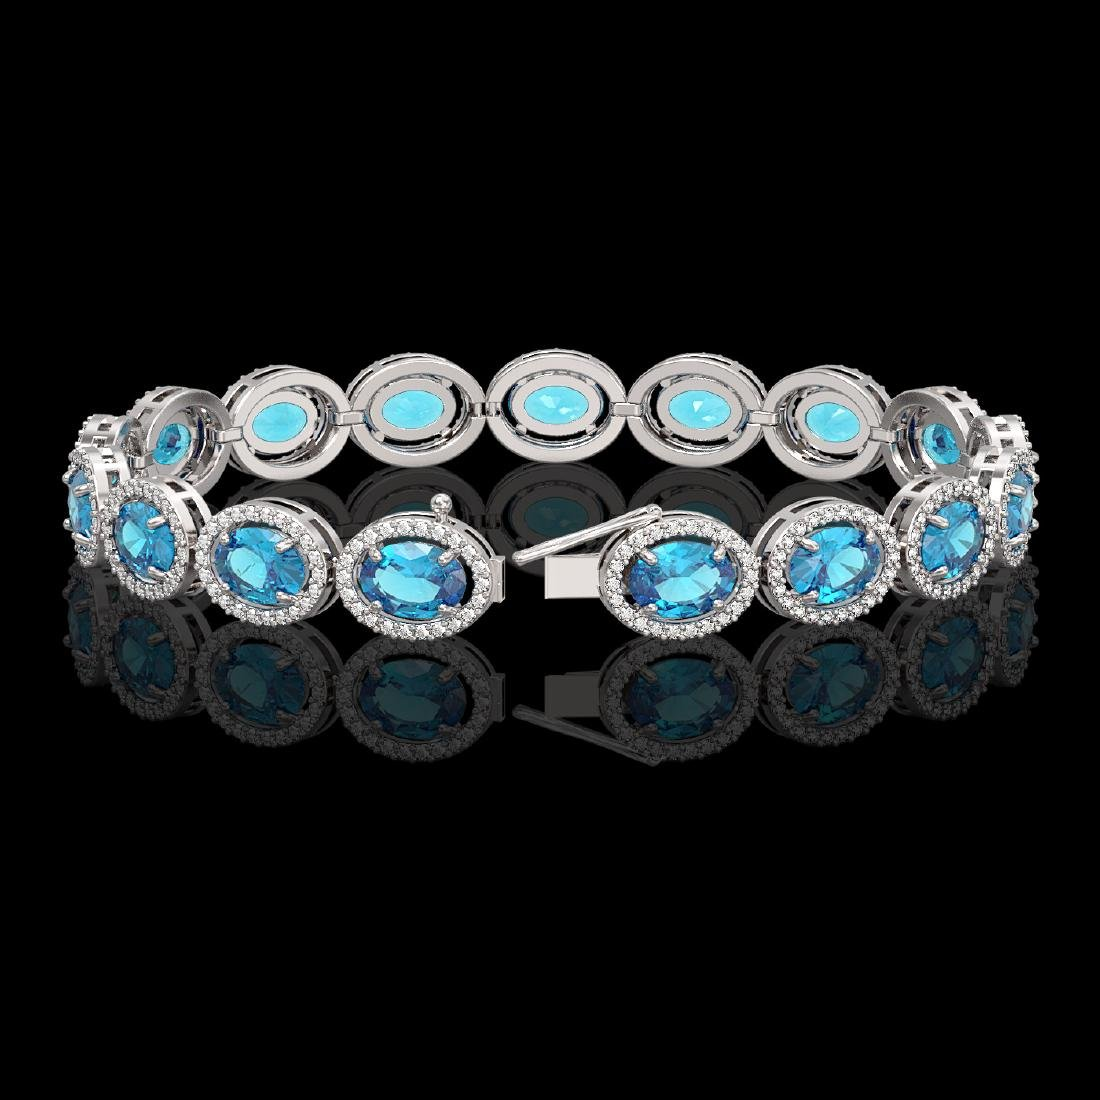 24.32 CTW Swiss Topaz & Diamond Halo Bracelet 10K White - 2